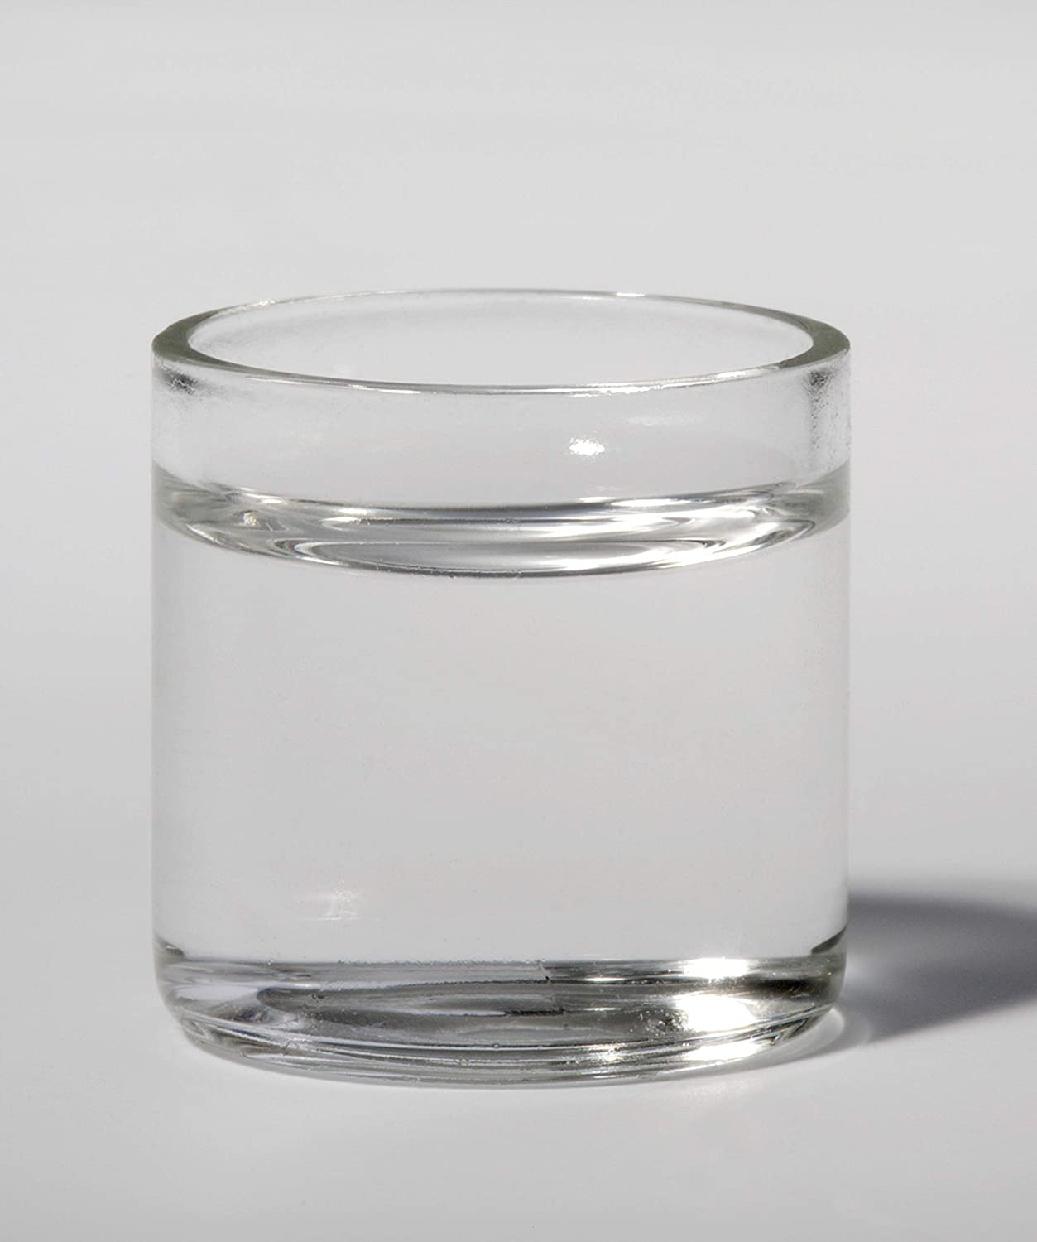 TRANSINO(トランシーノ) 薬用ホワイトニング クリアローションの商品画像4